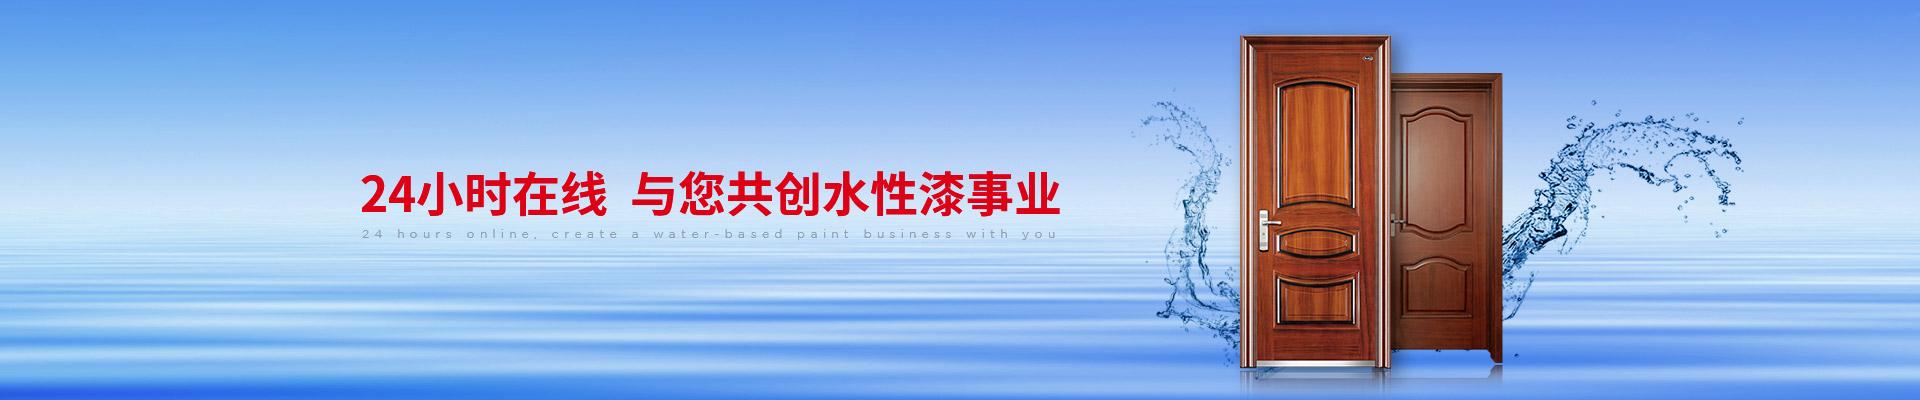 联系海顺-24小时在线,与您共创水性漆事业